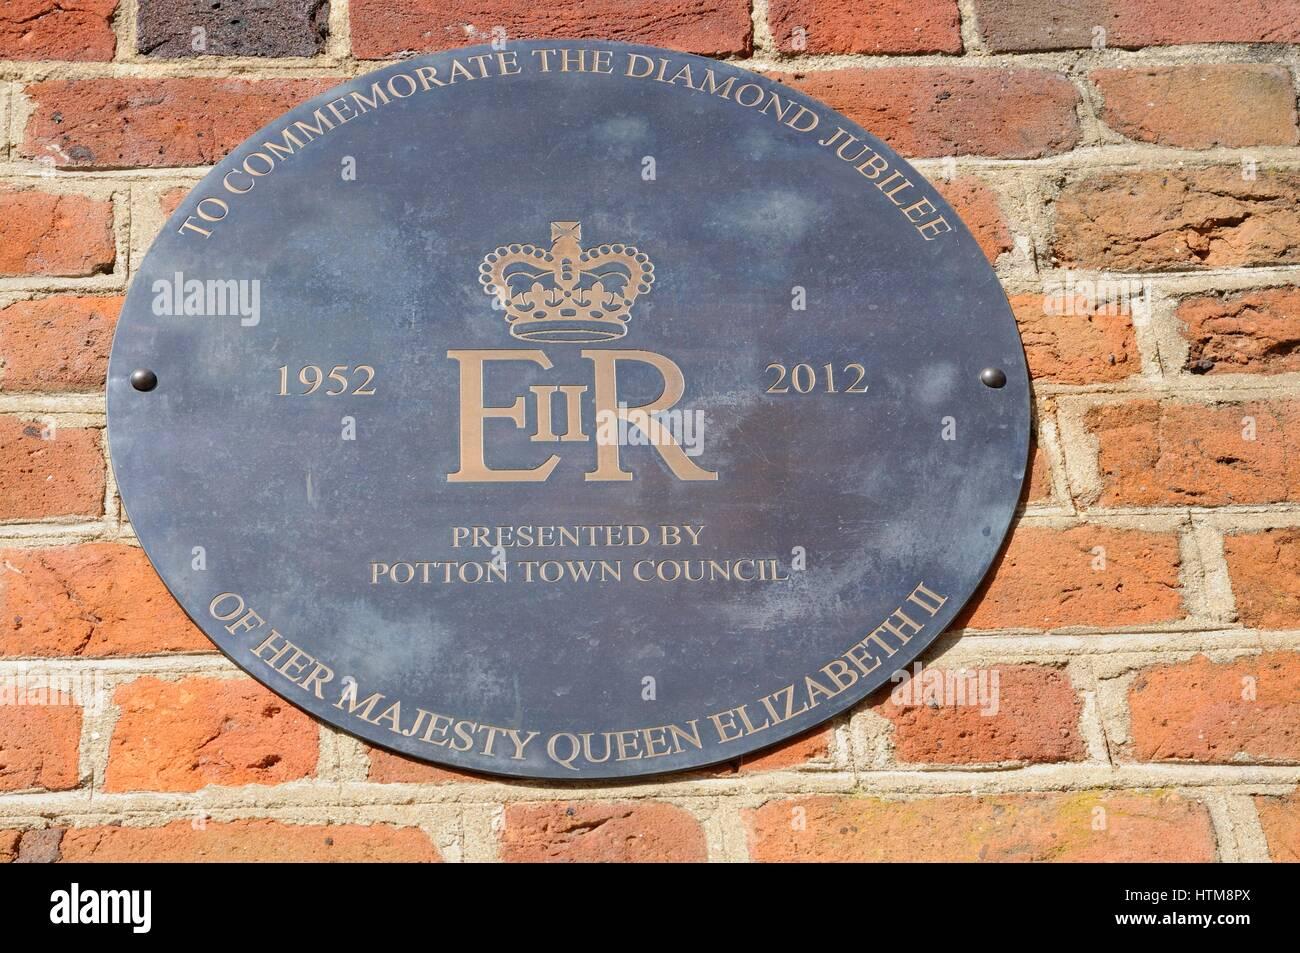 Plaque Queen Elizabeths II Diamond Jubilee, Potton, Bedfordshire - Stock Image